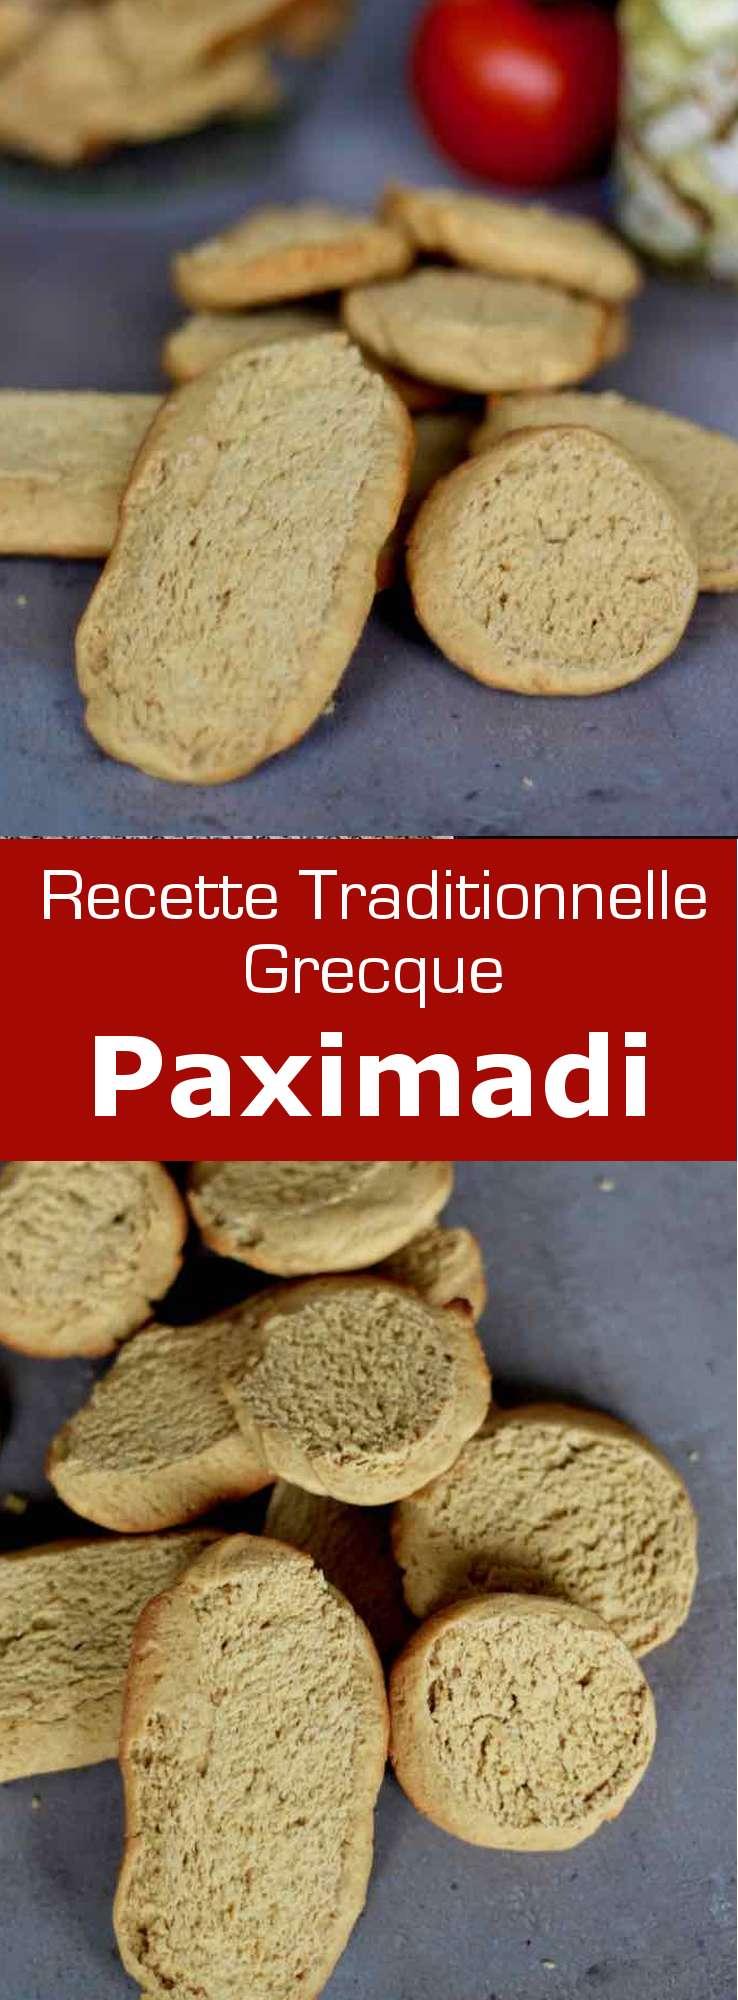 Le paximadi est un délicieux pain biscotté cuit deux fois, d'origine crétoise, qui se prépare avec de la farine d'orge mondé. #Grece #RecetteGrecque #CuisineGrecque #CuisineMediterraneenne #CuisineDuMonde #196flavors